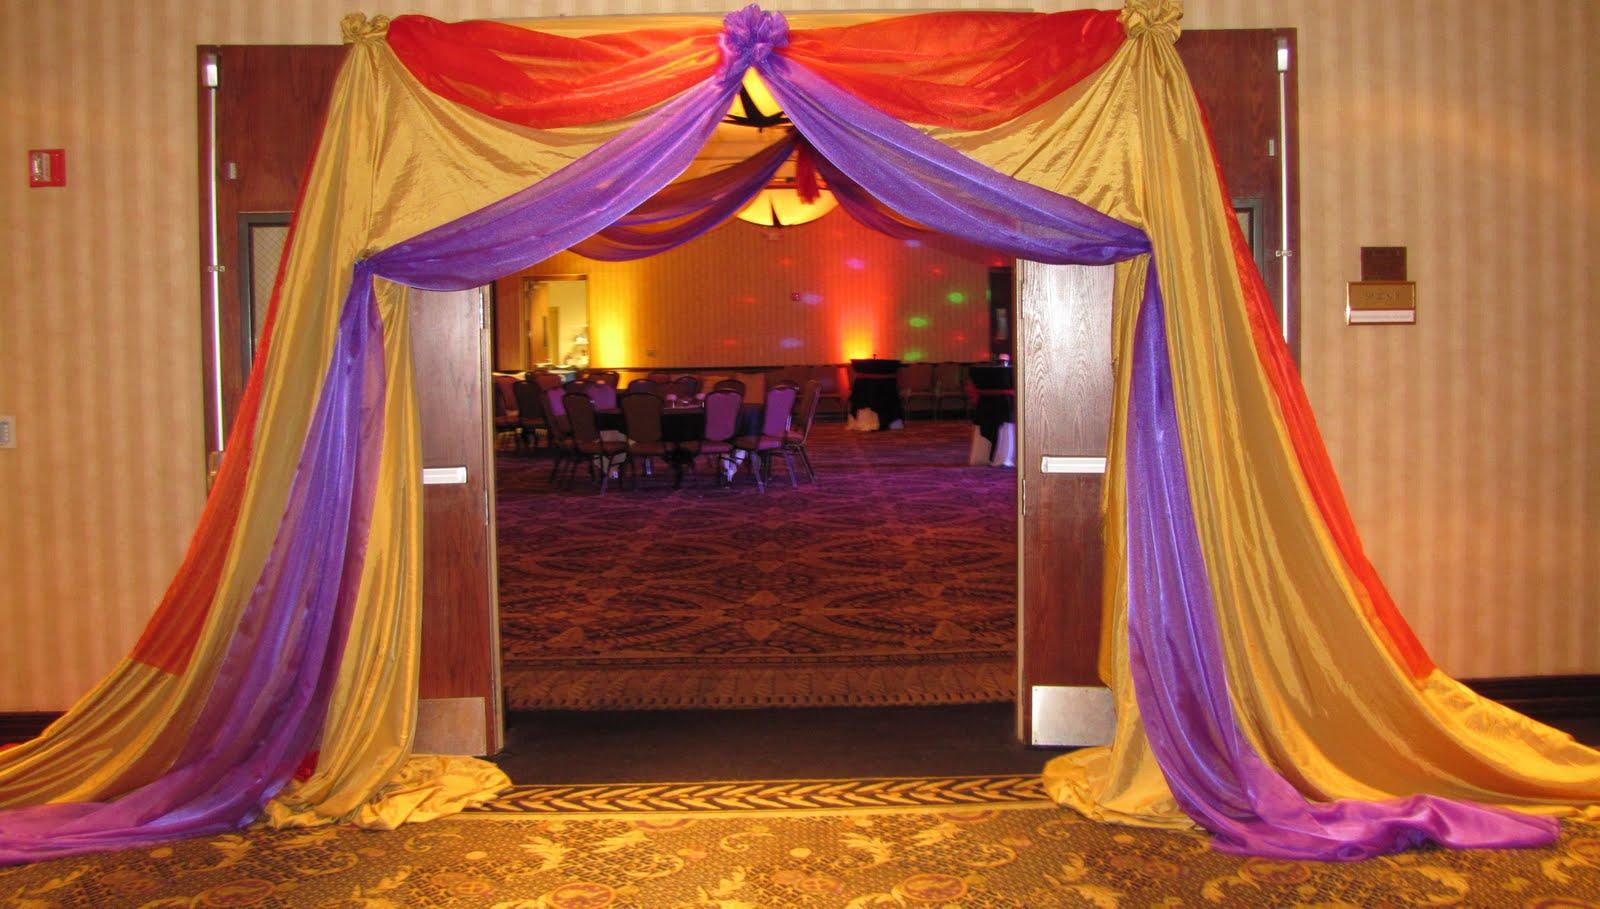 Wedding night decoration ideas  Aaliyah Ali aaliyahali on Pinterest